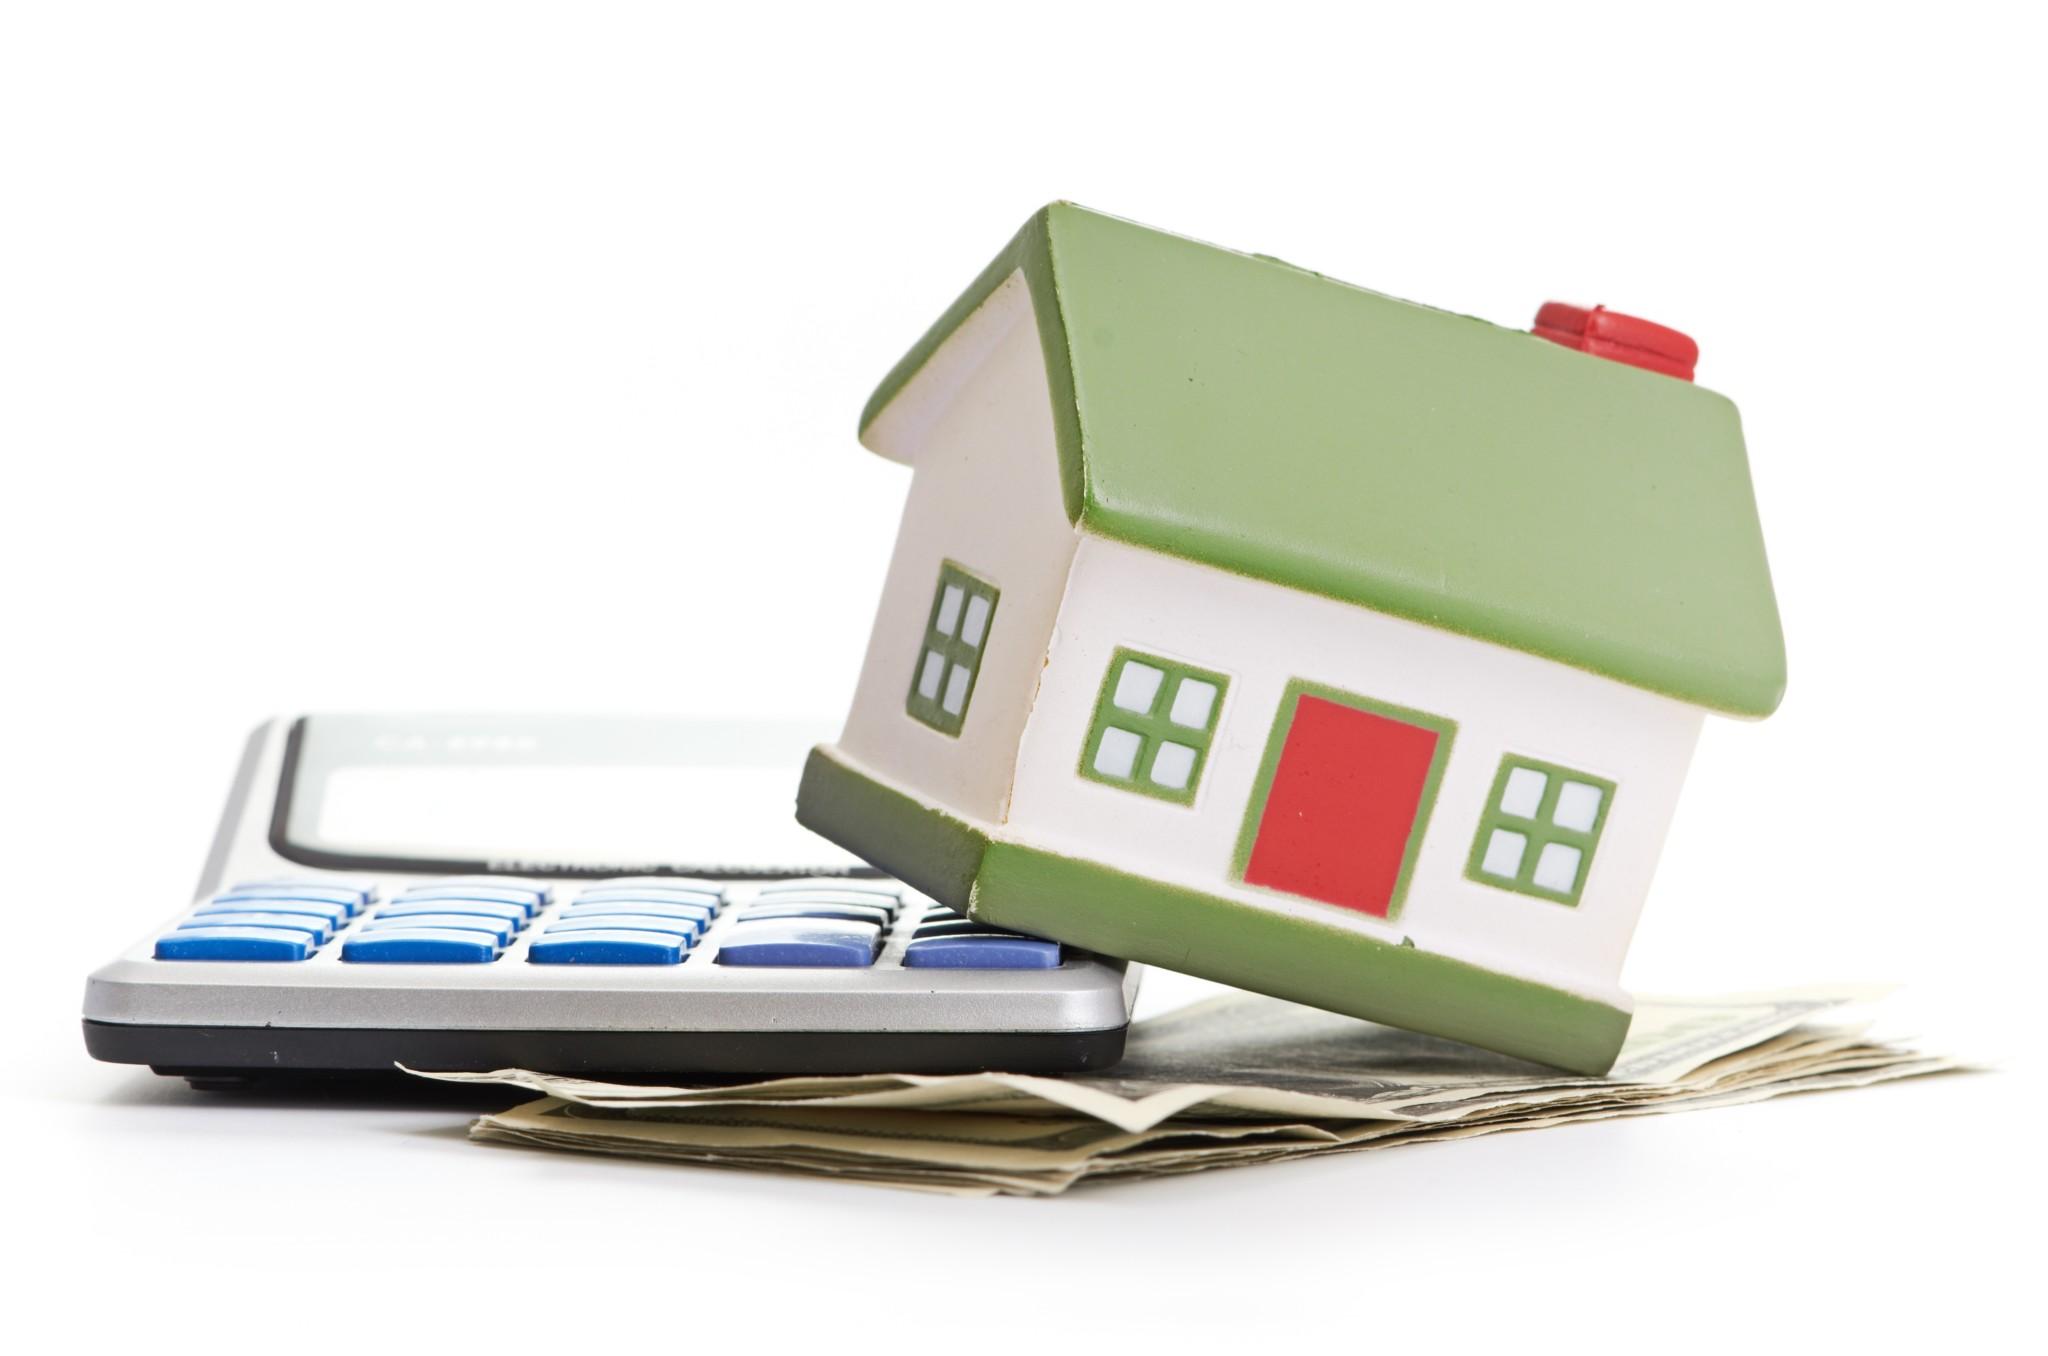 IMT tem nova taxa única de 7,5% para imóveis acima de 1 milhão de euros